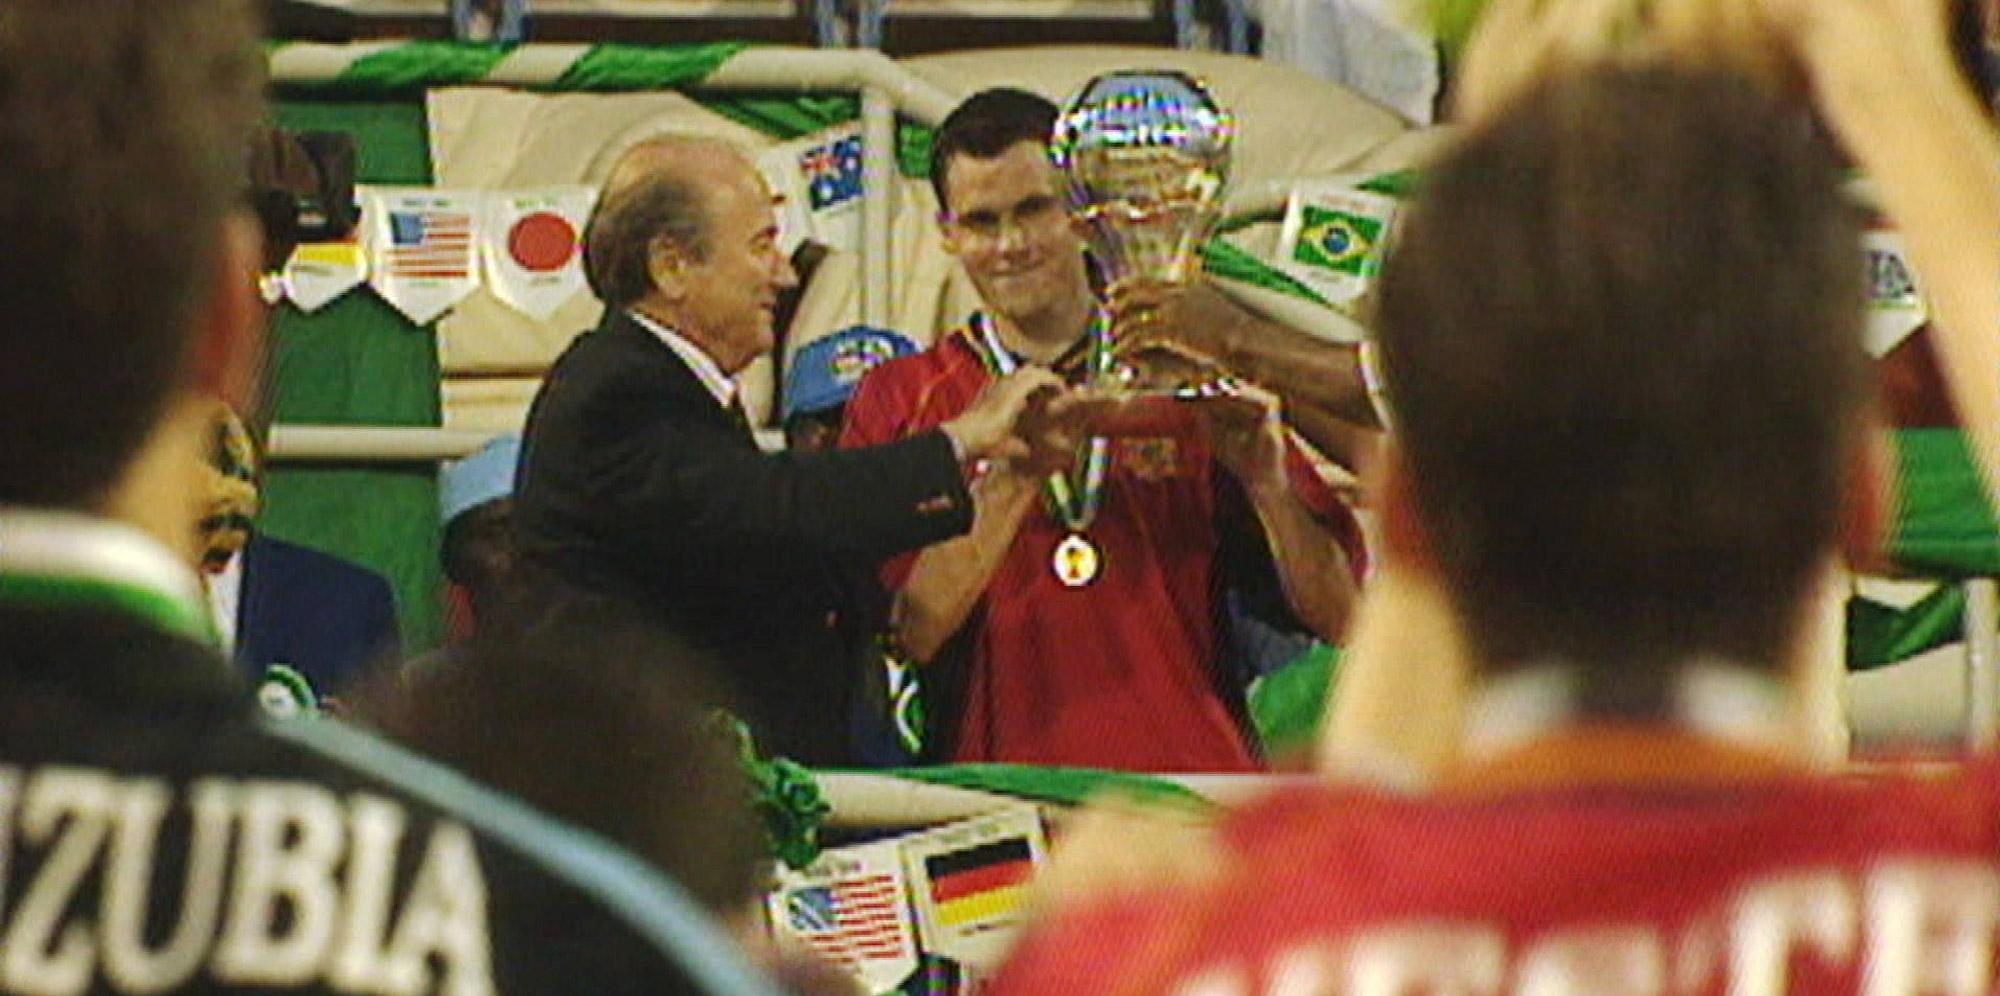 Orbaiz levanta el título de campeón del mundo Sub 20 con España en Nigeria 99